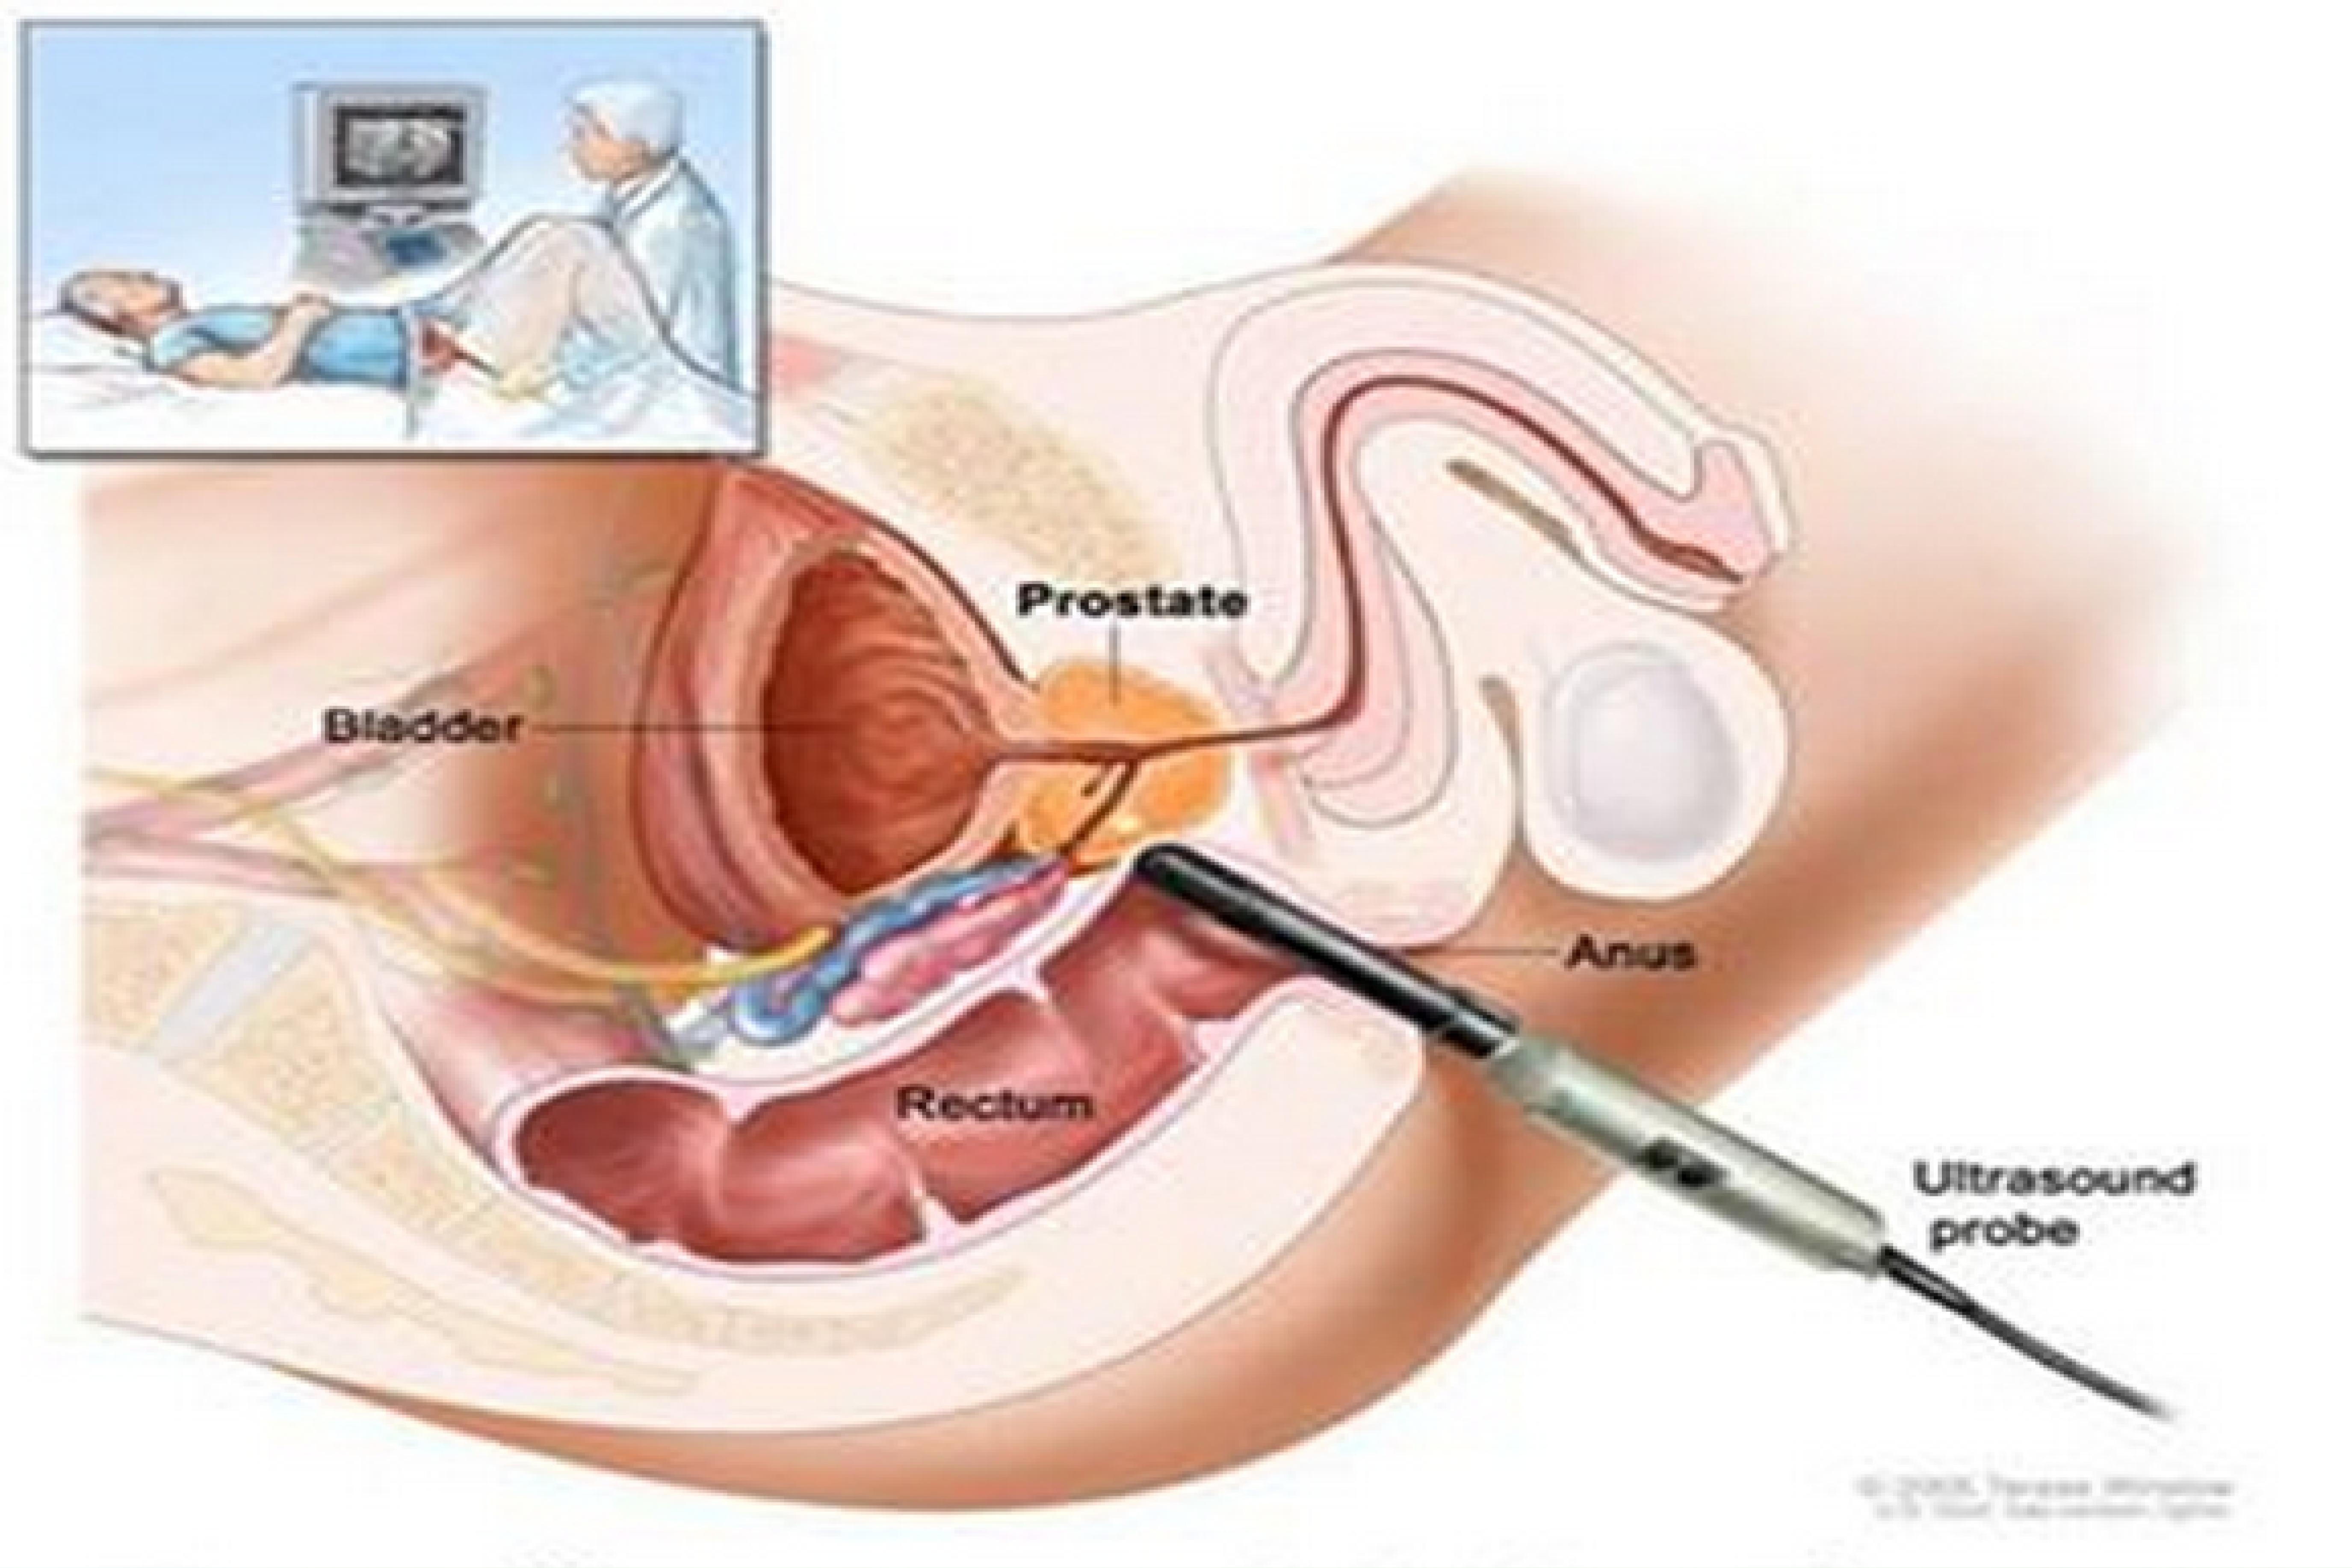 qué es una ecografia transrectal de prostata